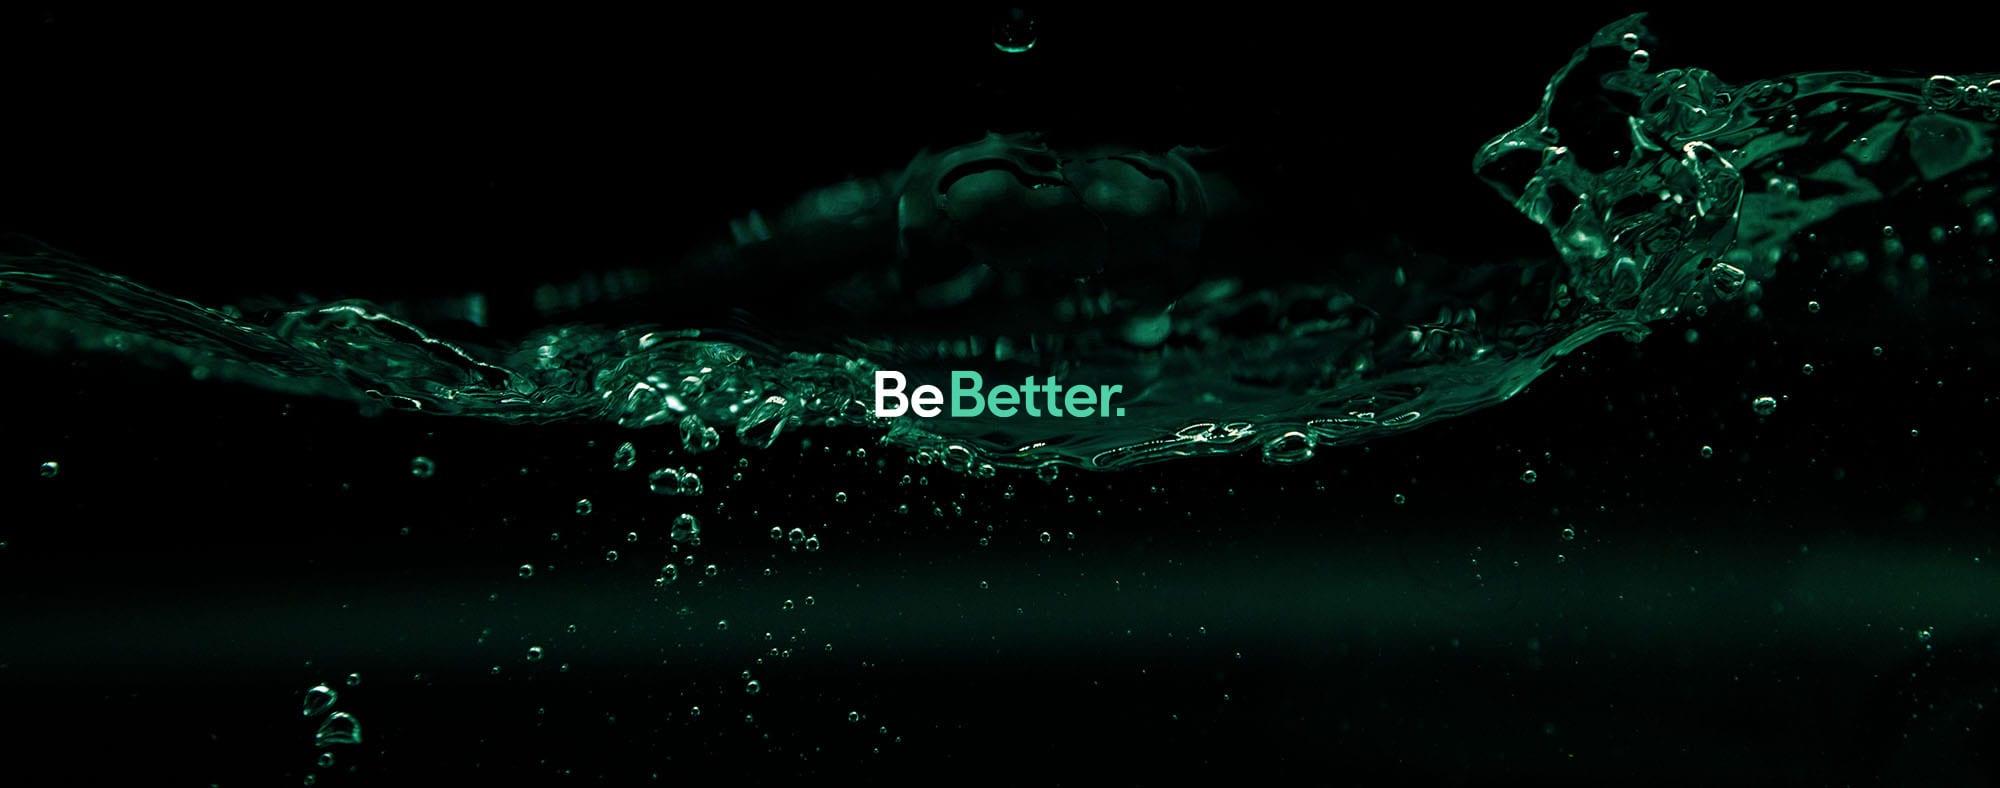 Betterbio Liquid